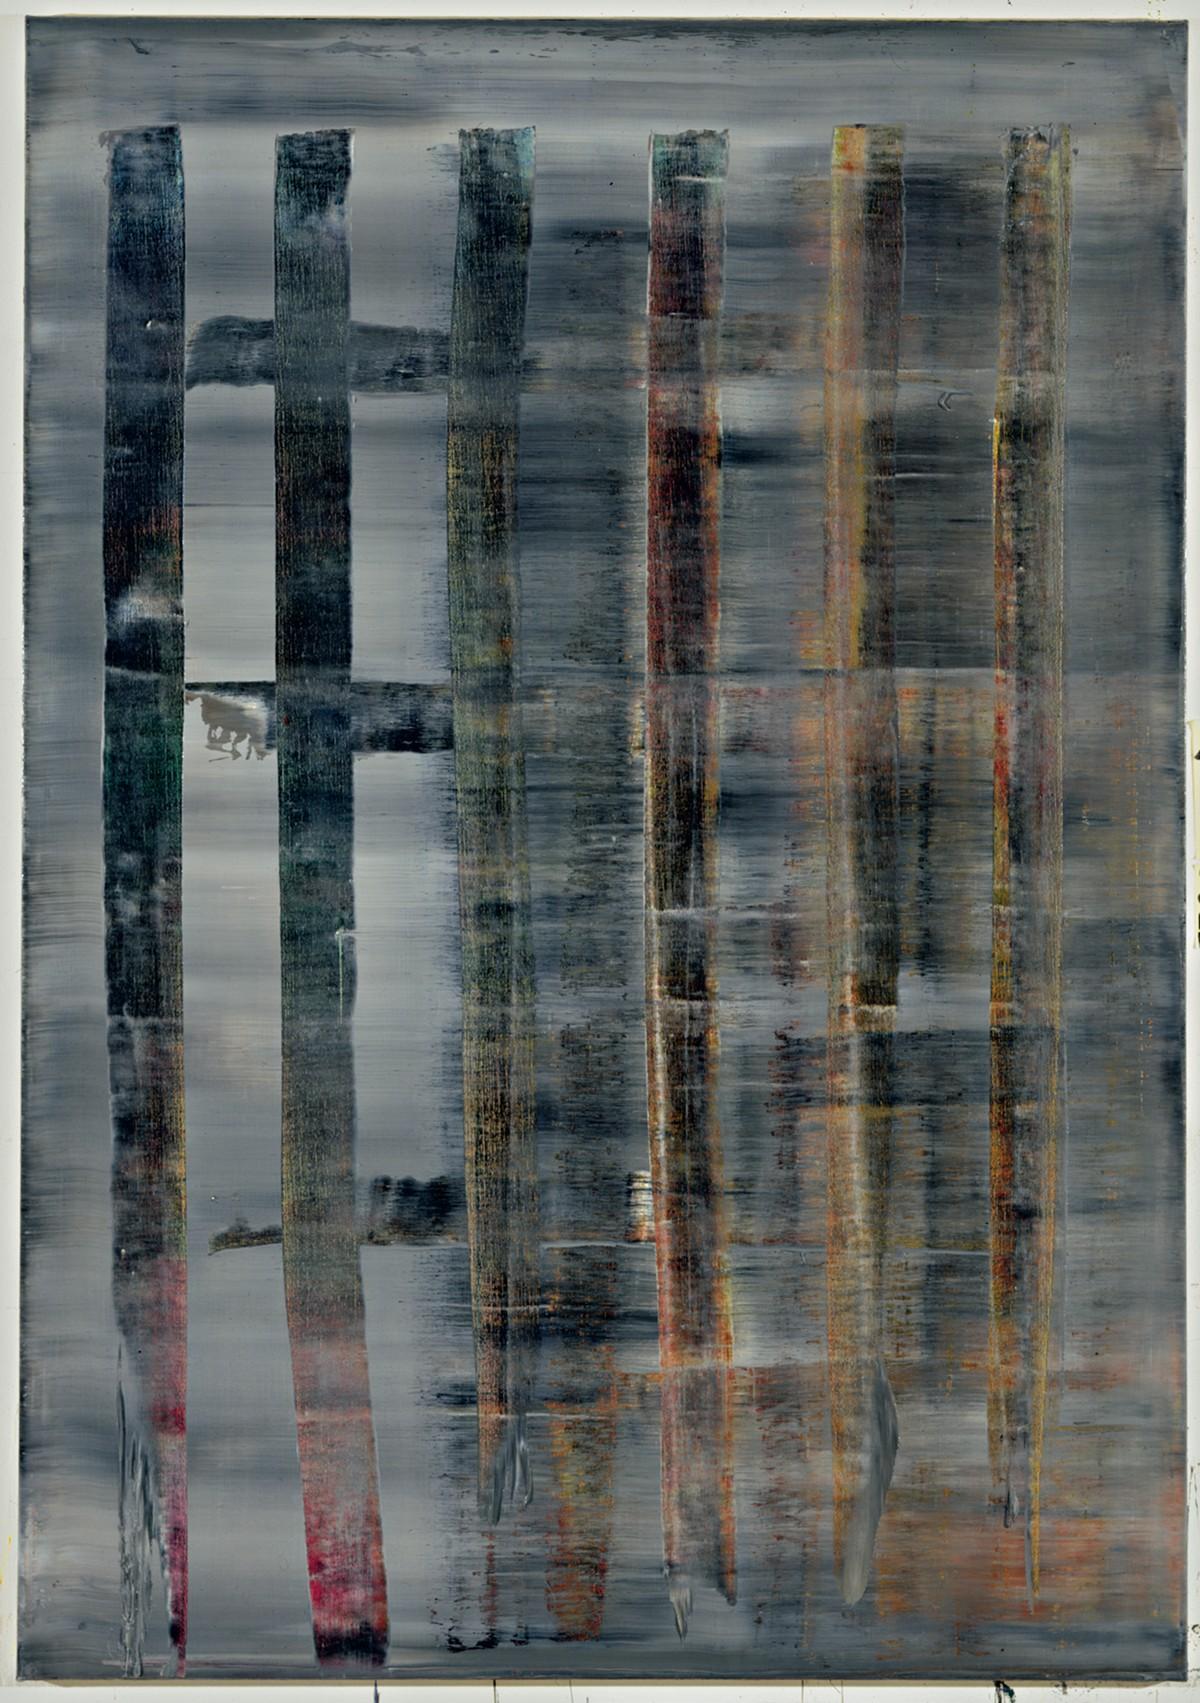 Gerhard Richter, courtesy Kunstmuseum Winterthur